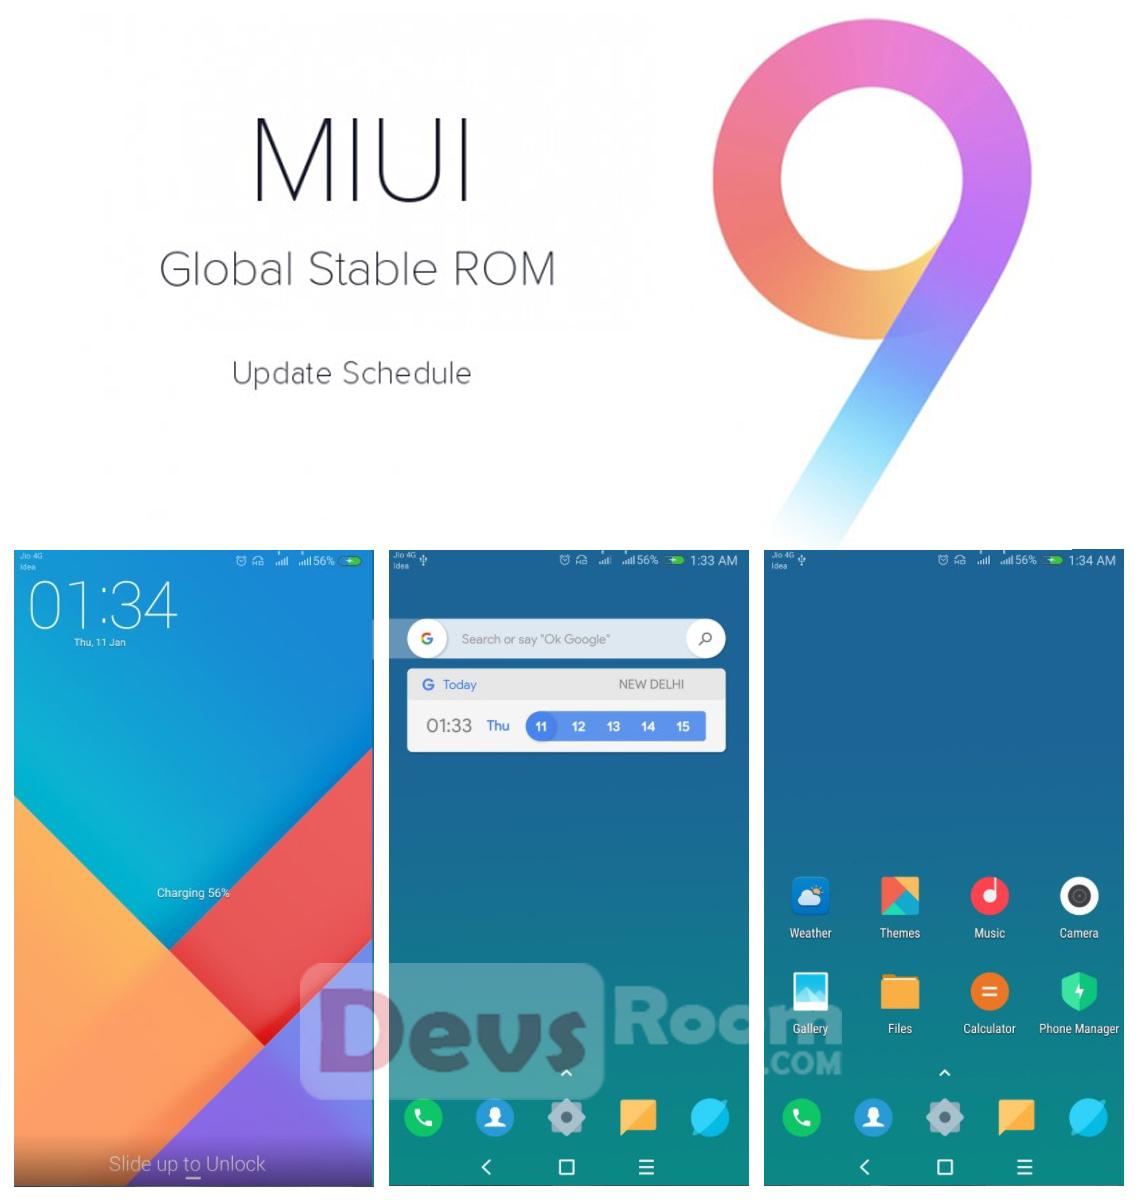 Fitur terbaru MIUI 9 Global Stable Version